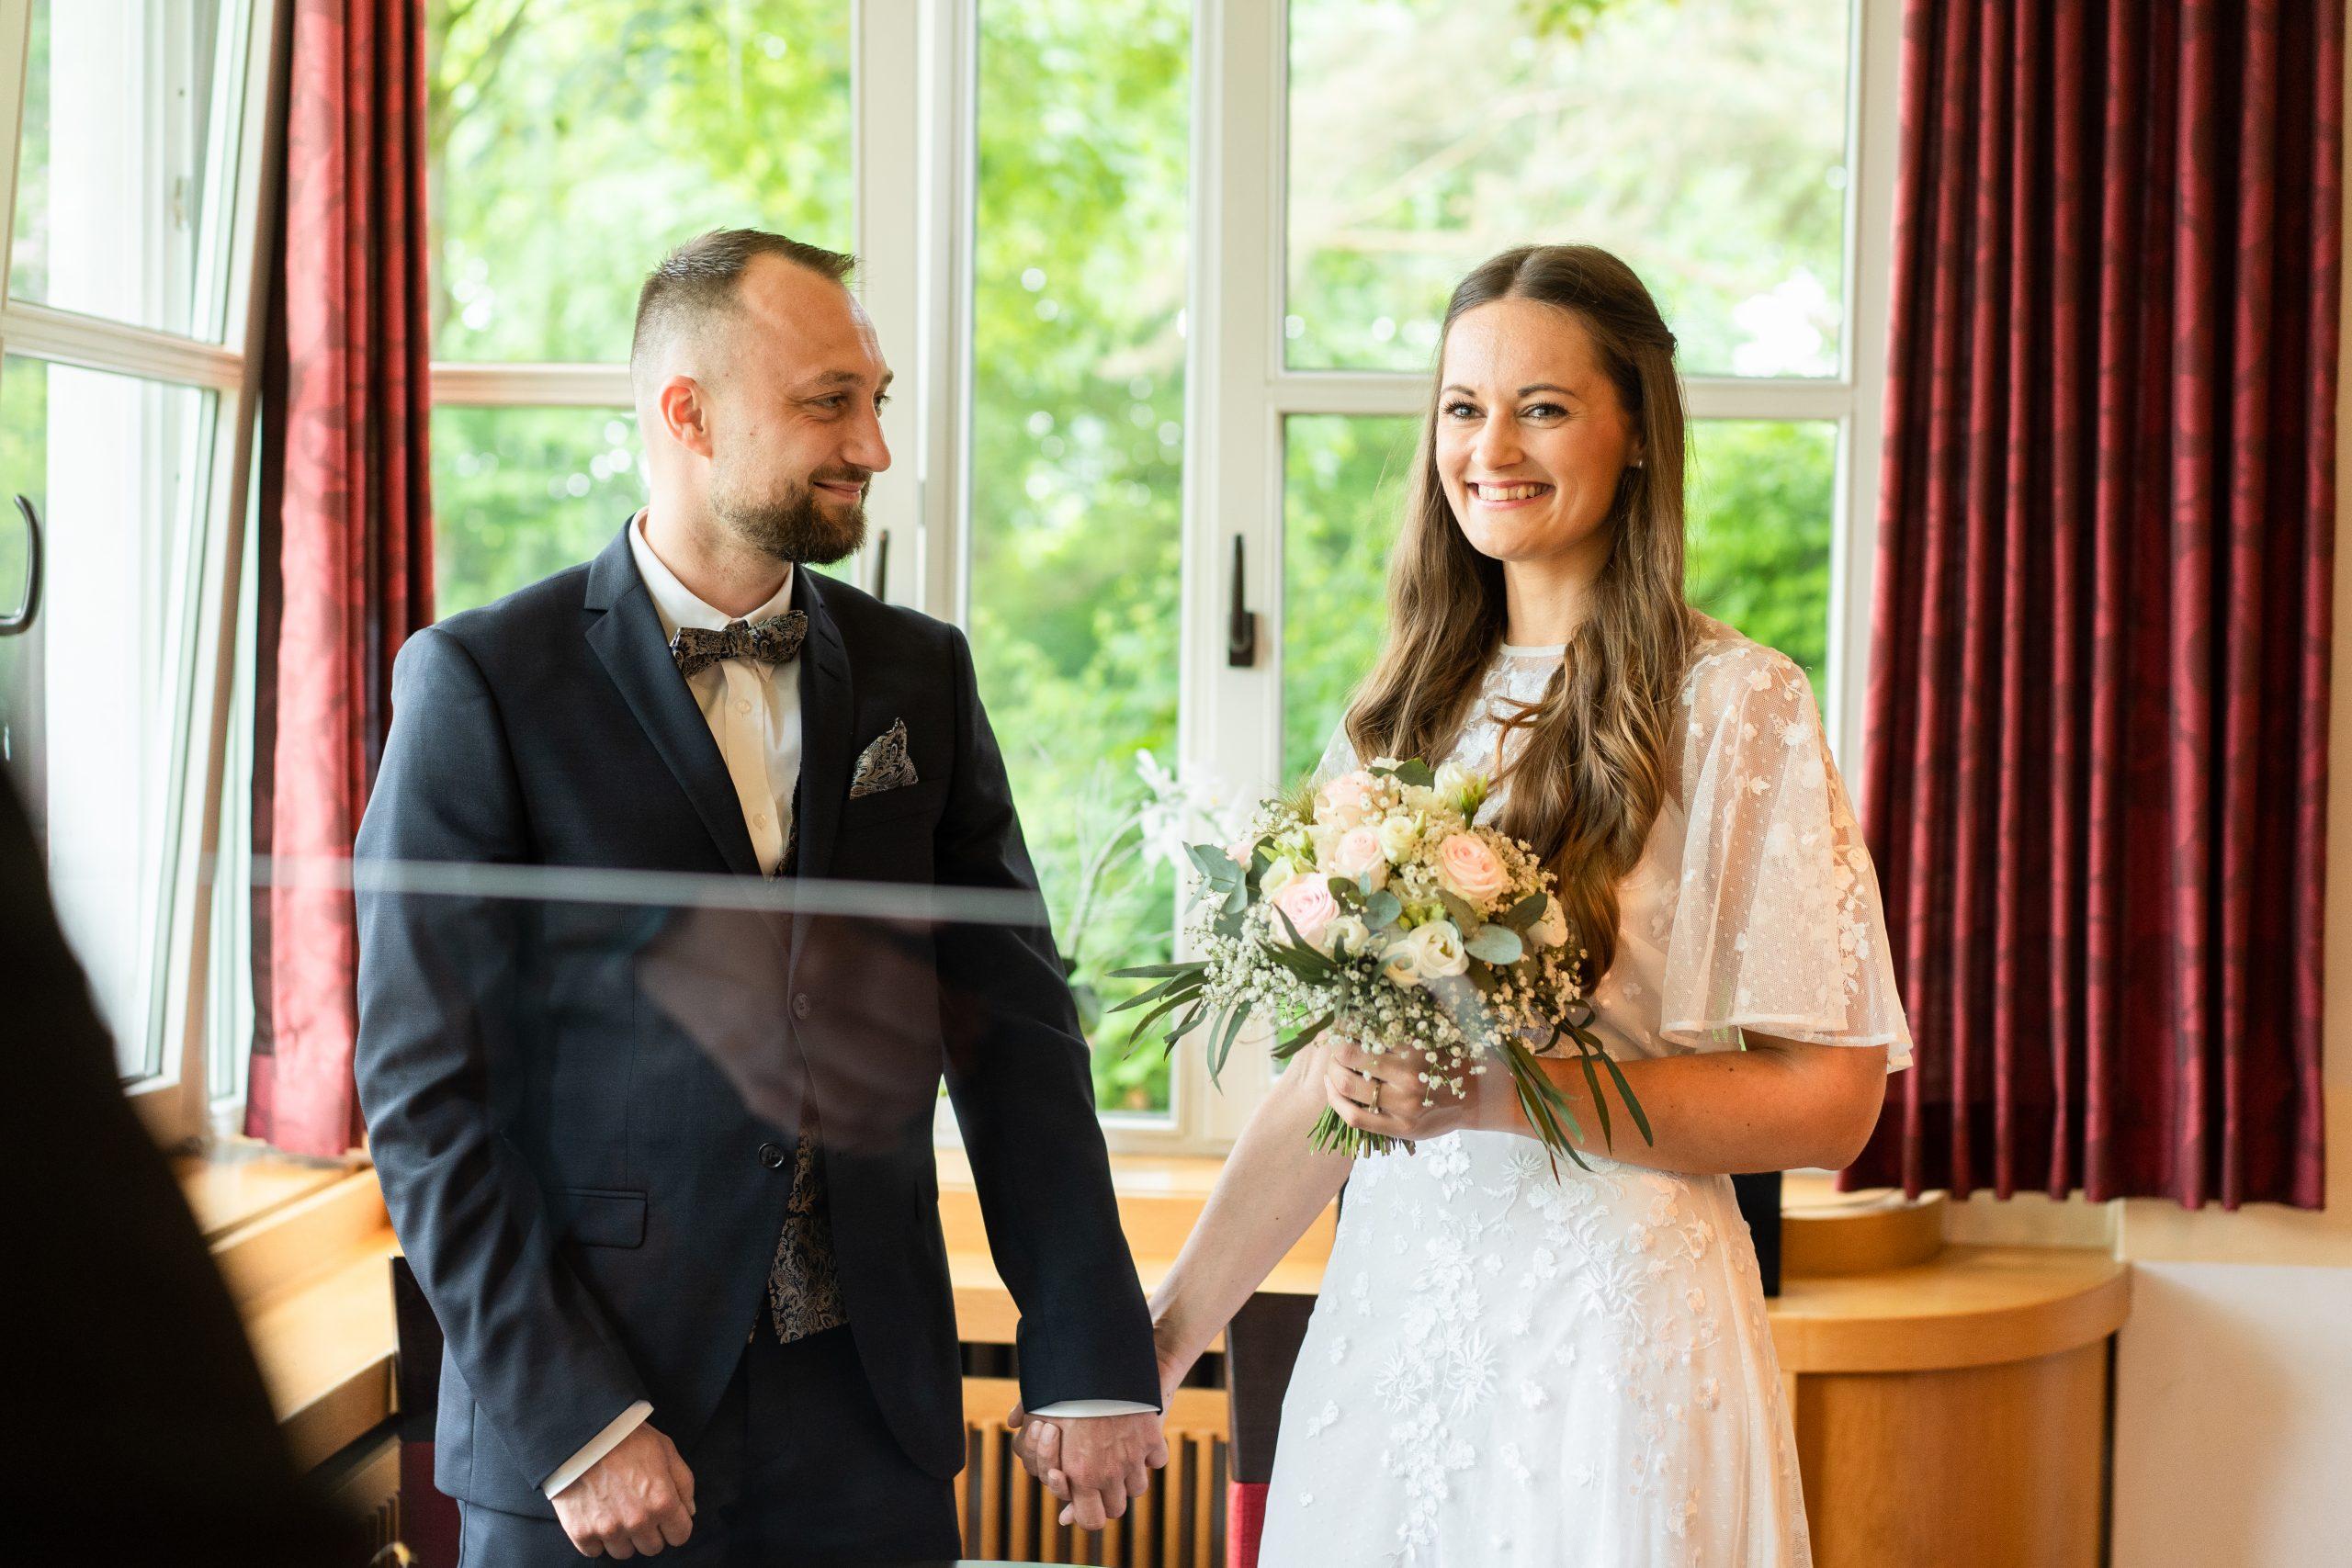 Trauung Brautpaar Weyhe Liebe Hochzeitsmomente Hochzeitstag Fotografin